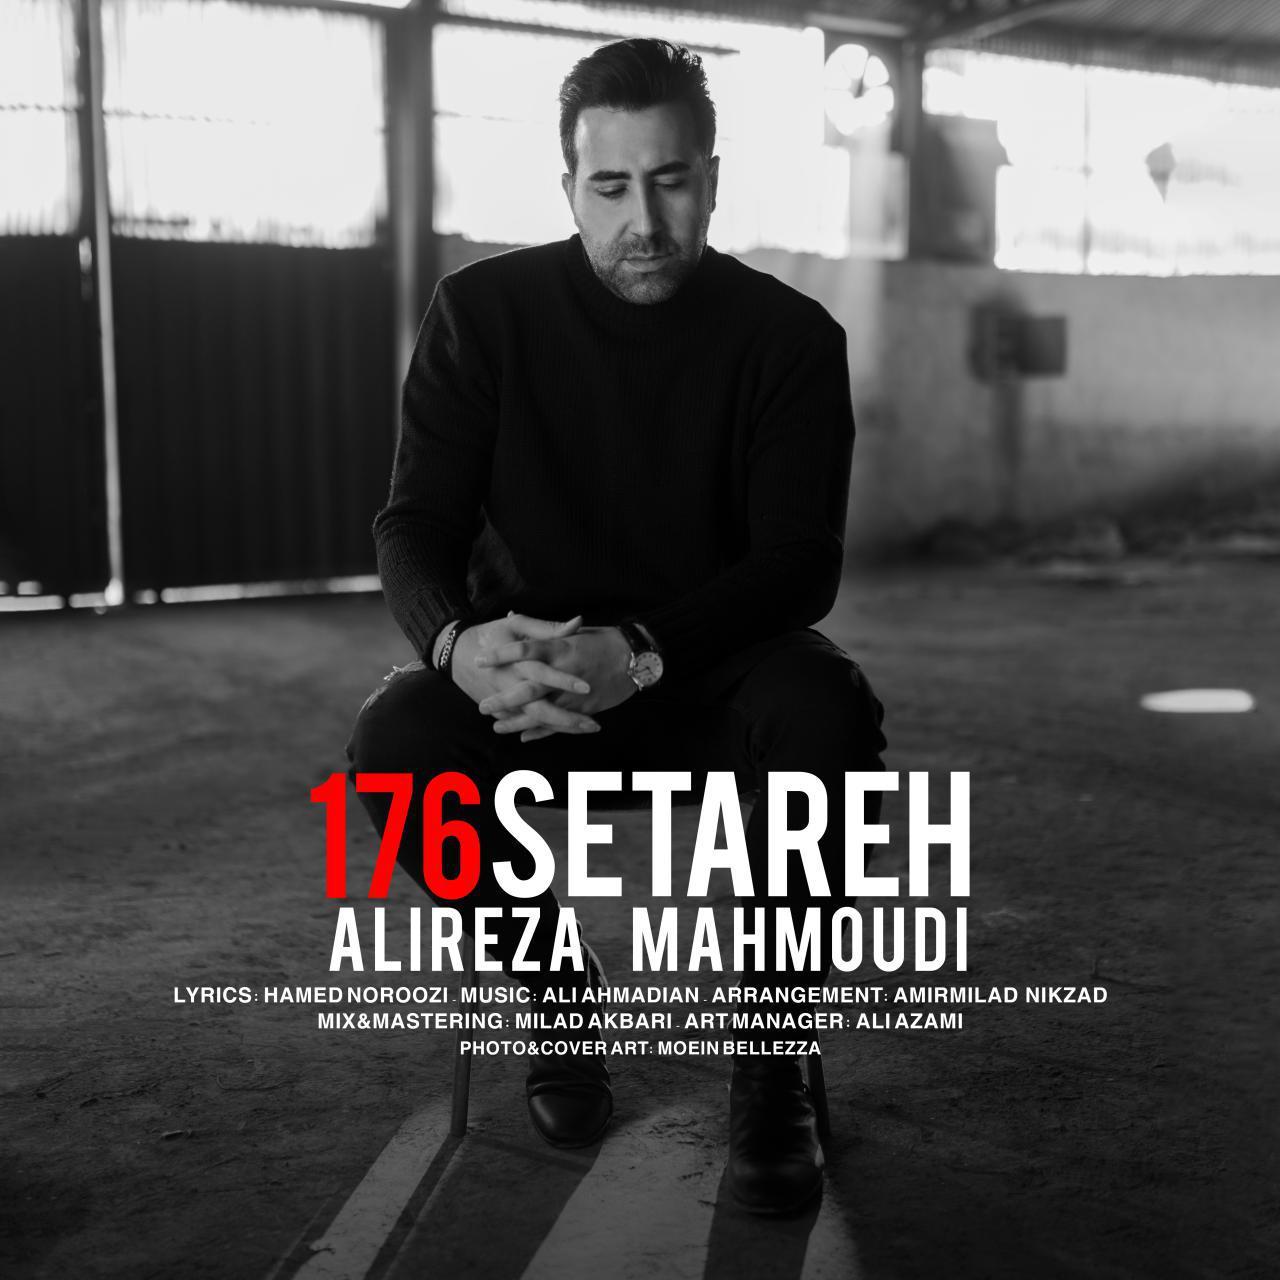 Alireza Mahmoudi – 176 Setareh